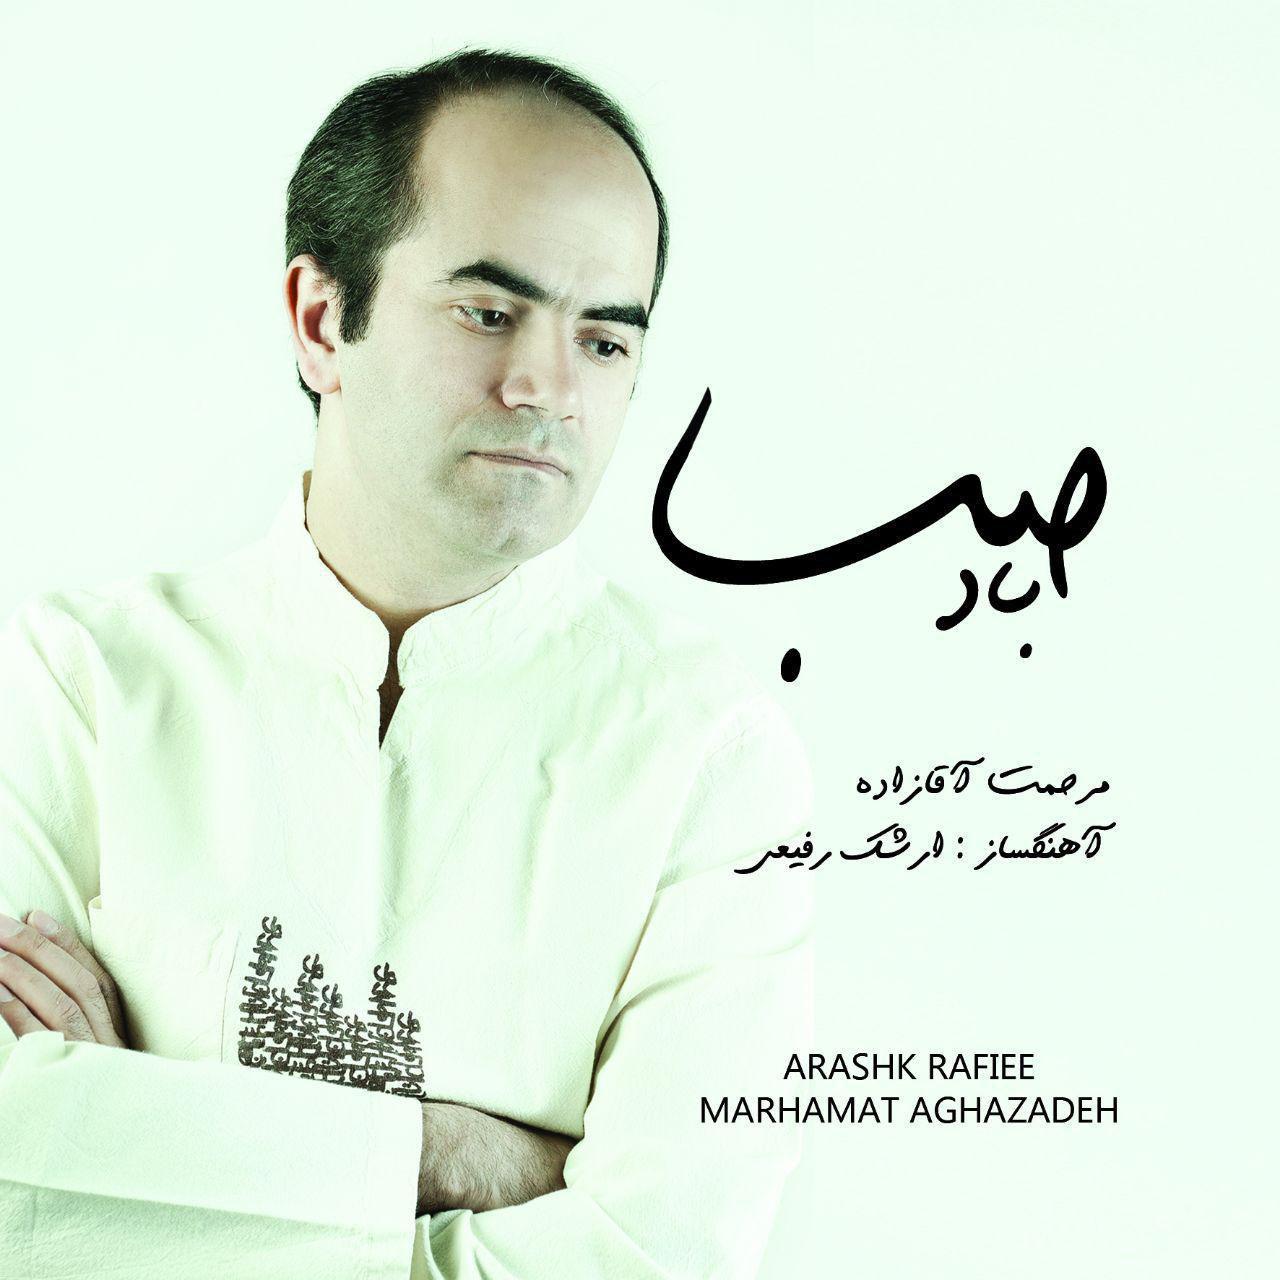 آلبوم «باد صبا» با آثاری از عارف قزوینی و حسام السلطنه منتشر میشود